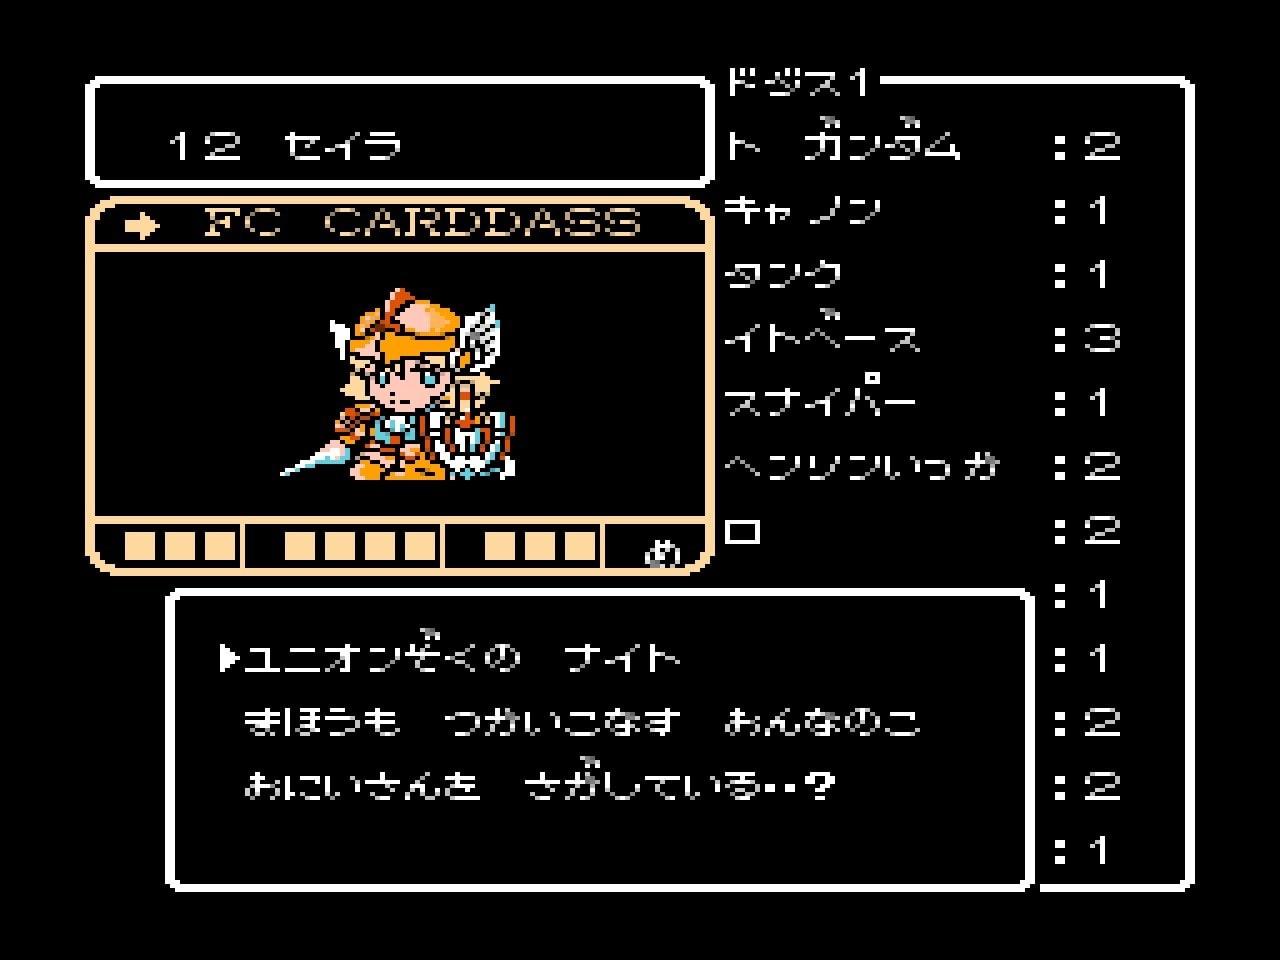 キャラゲー屈指の名作! ファミコン『SDガンダム外伝 ナイトガンダム物語』は「かゆいところに手が届く」RPGだったの画像013